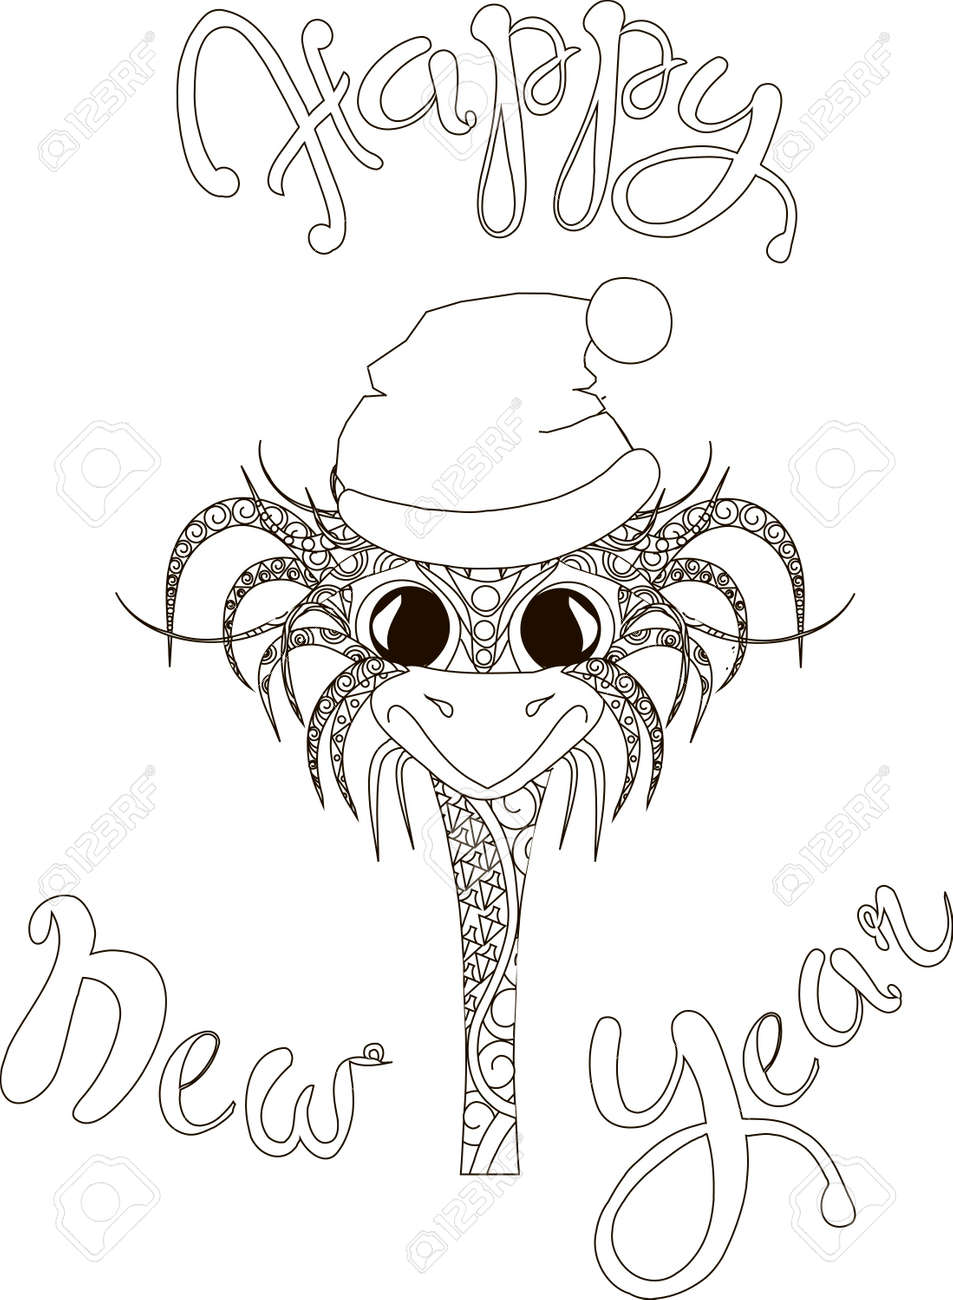 Letras Feliz Año Nuevo Mano Dibujar Gallo Lindo Ilustración De